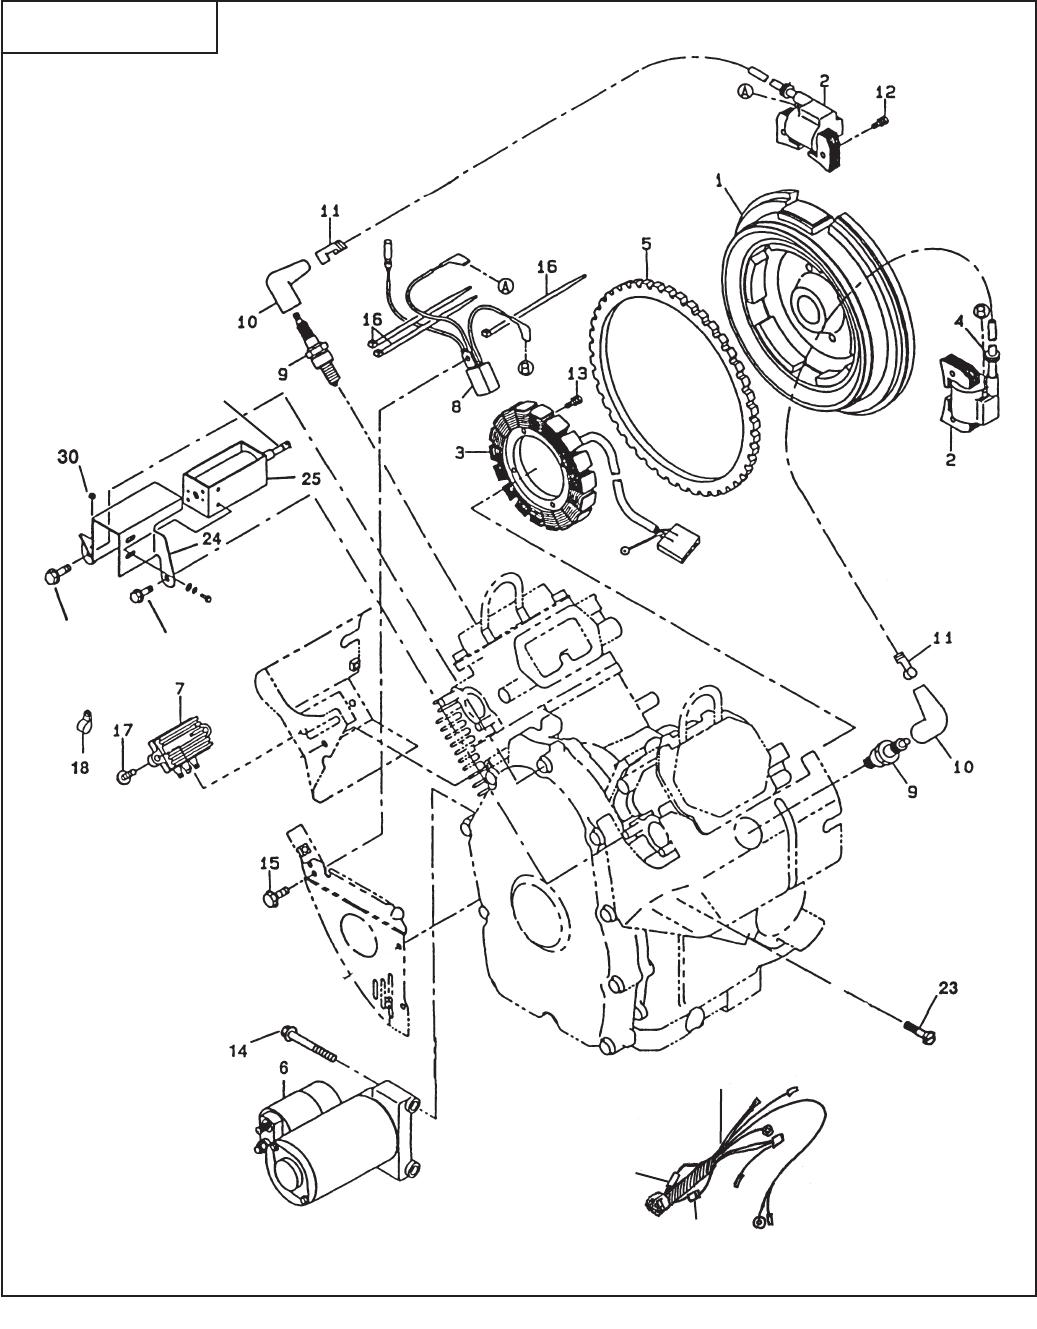 Ohv220 Miller W Fe Rev Eh64 Welder Parts Manual